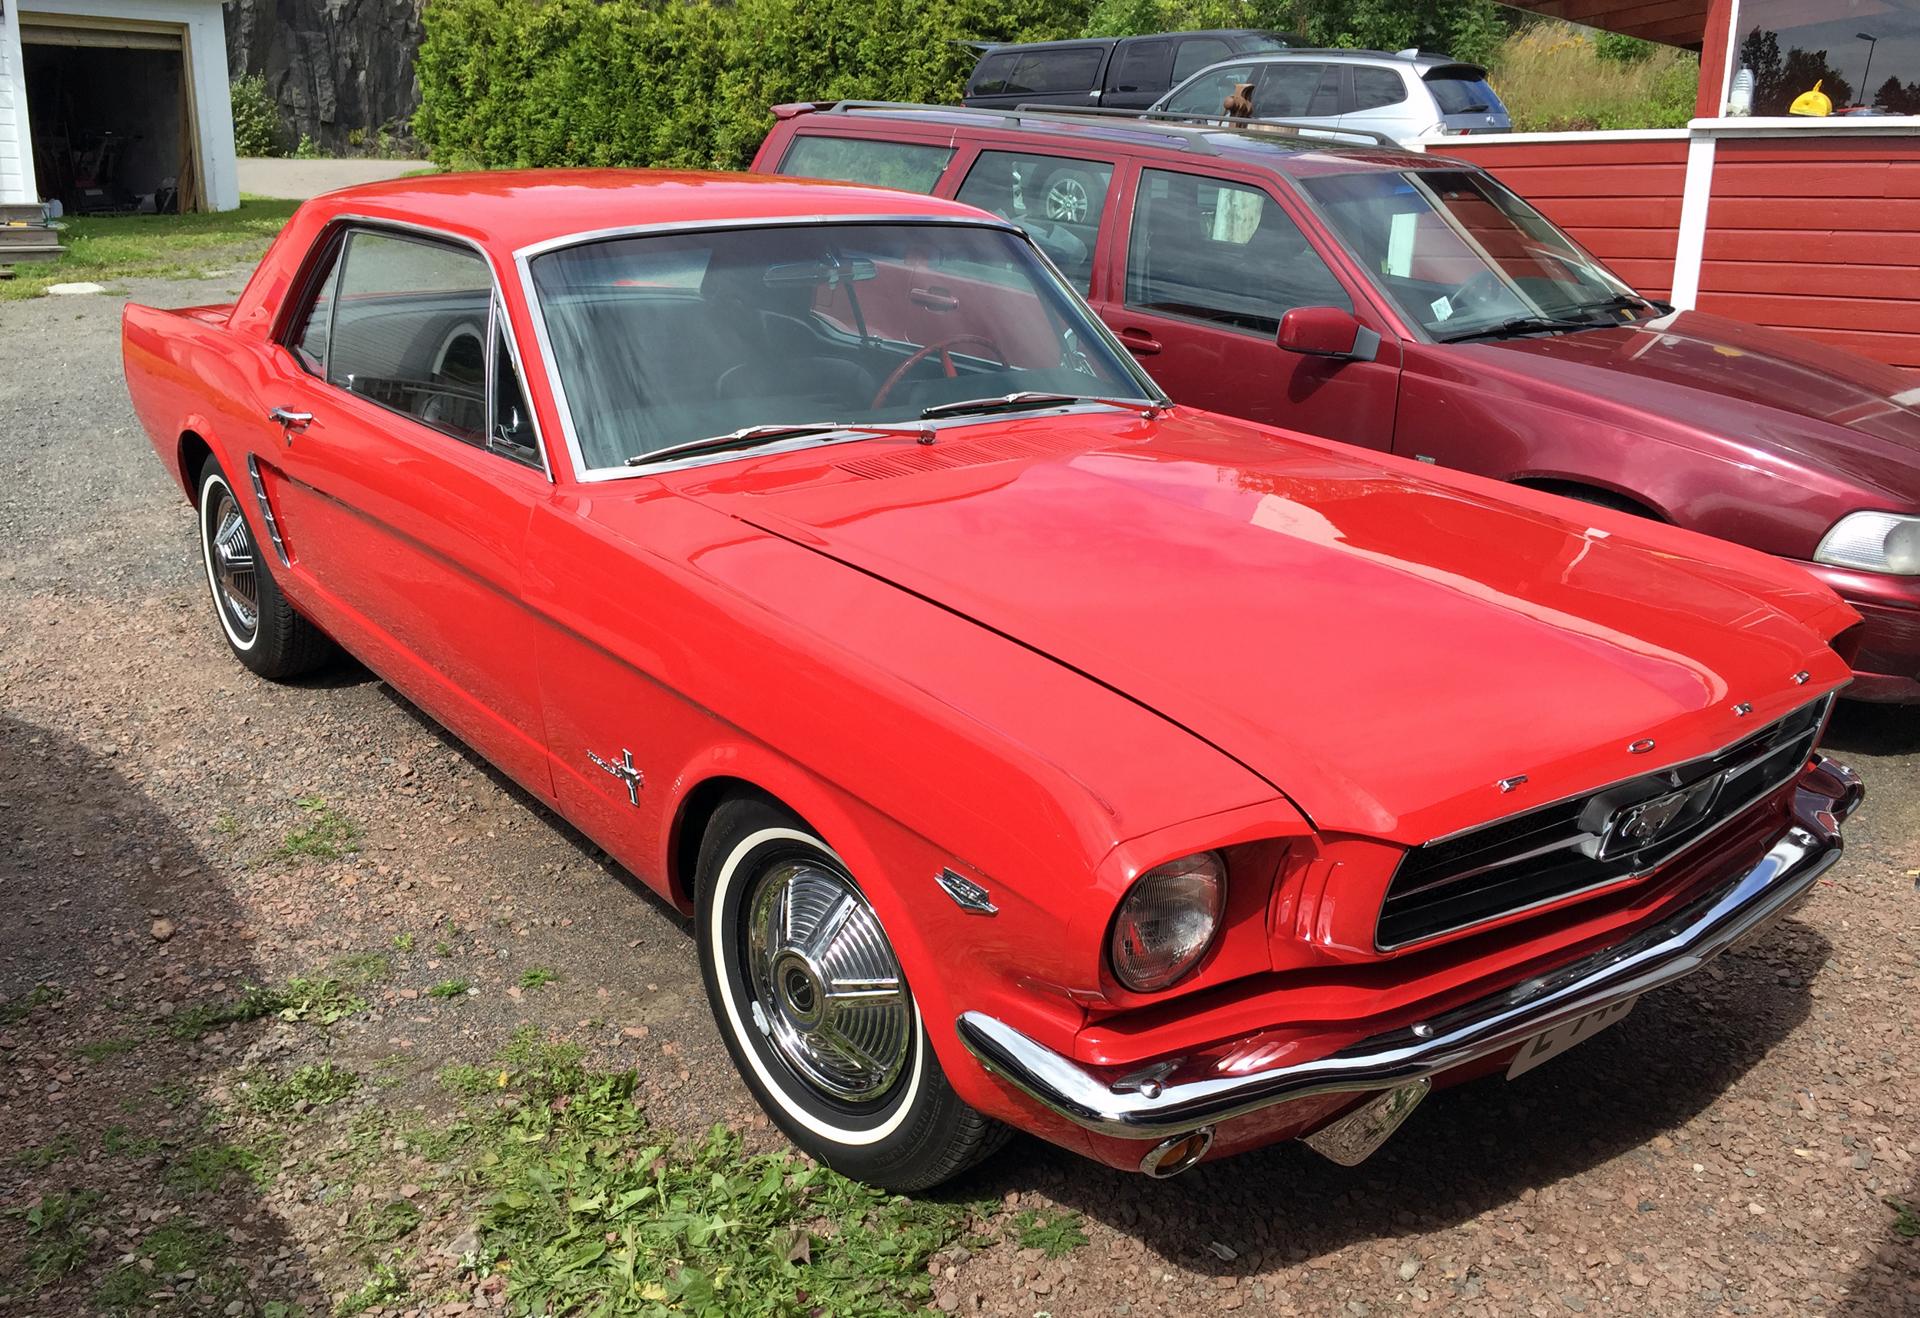 184-1965 Ford Mustang Coupe 01. Eier- medlem 184 I